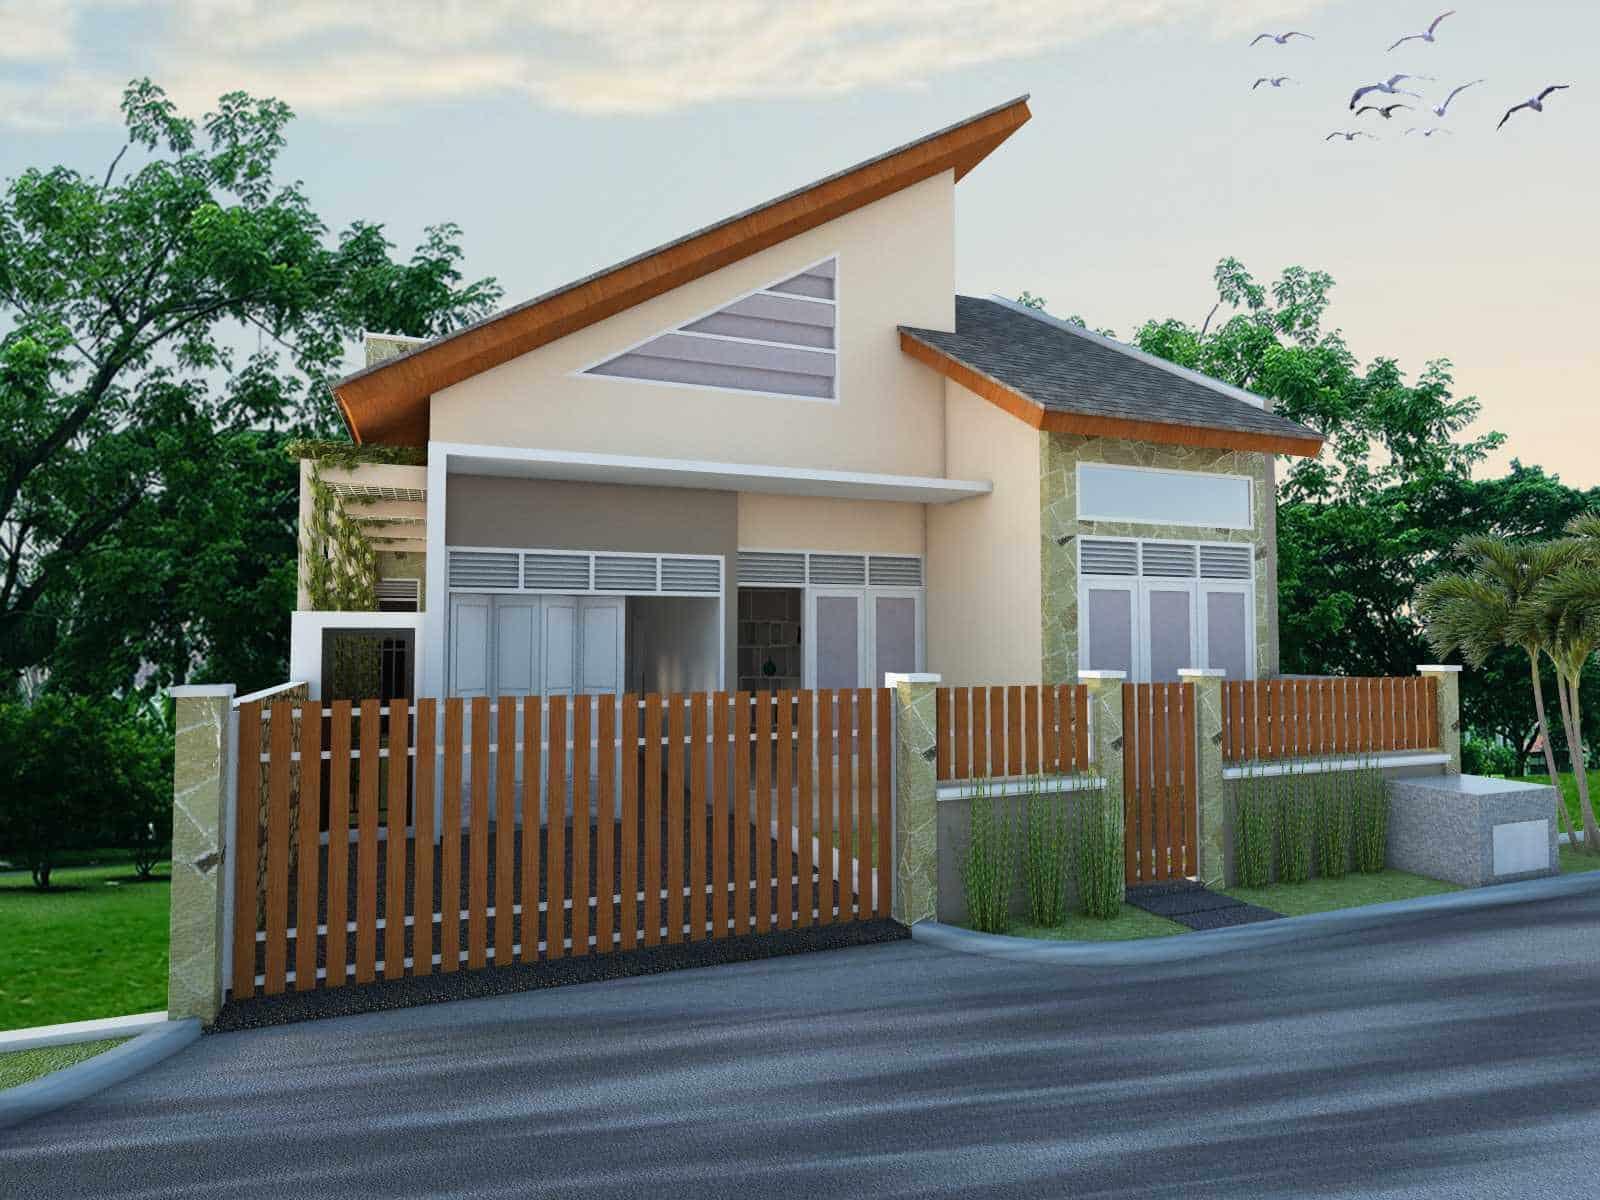 45 Contoh Desain Rumah Desa Sederhana (Klasik dan Modern)